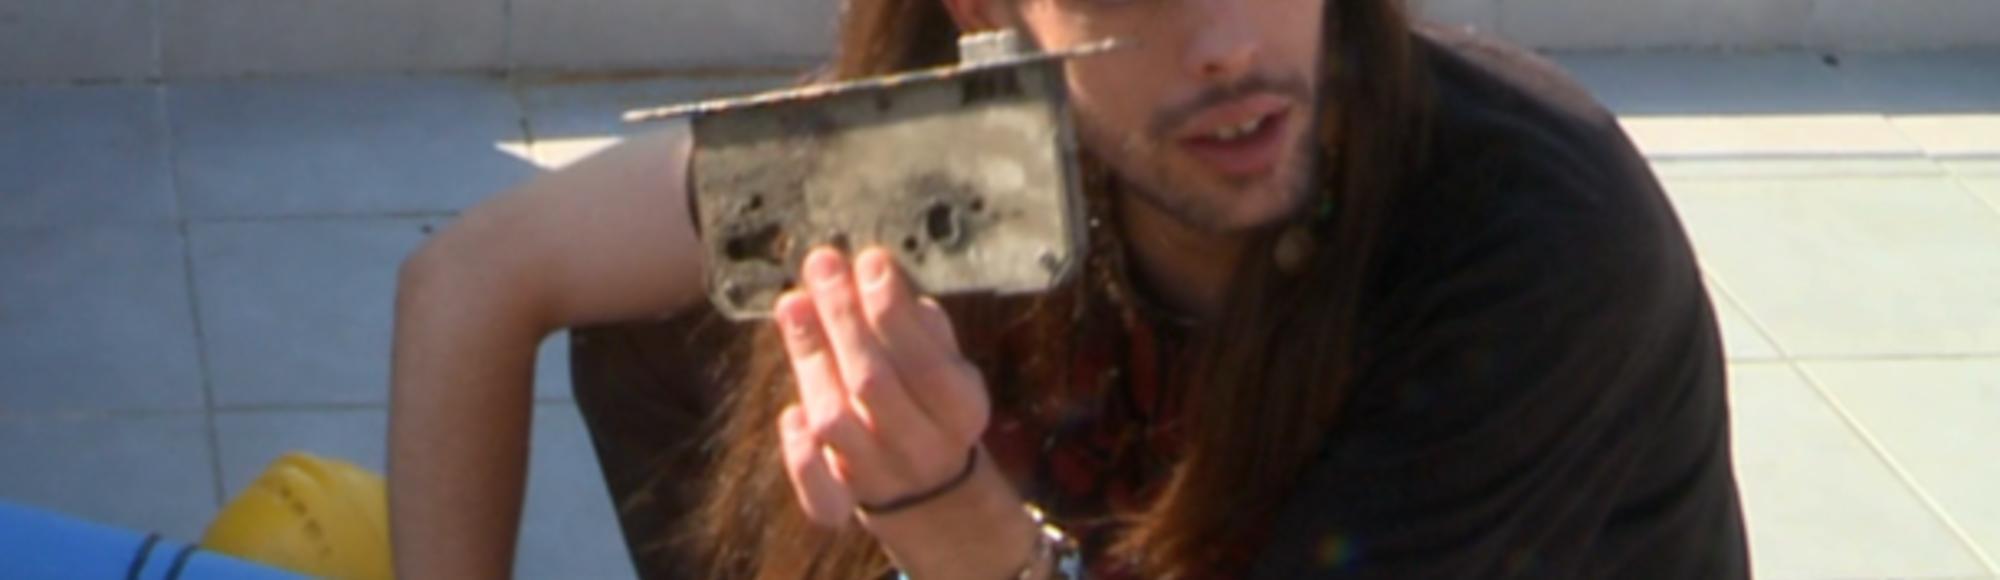 Teenage Riot: Spaniens neue Revolutionäre